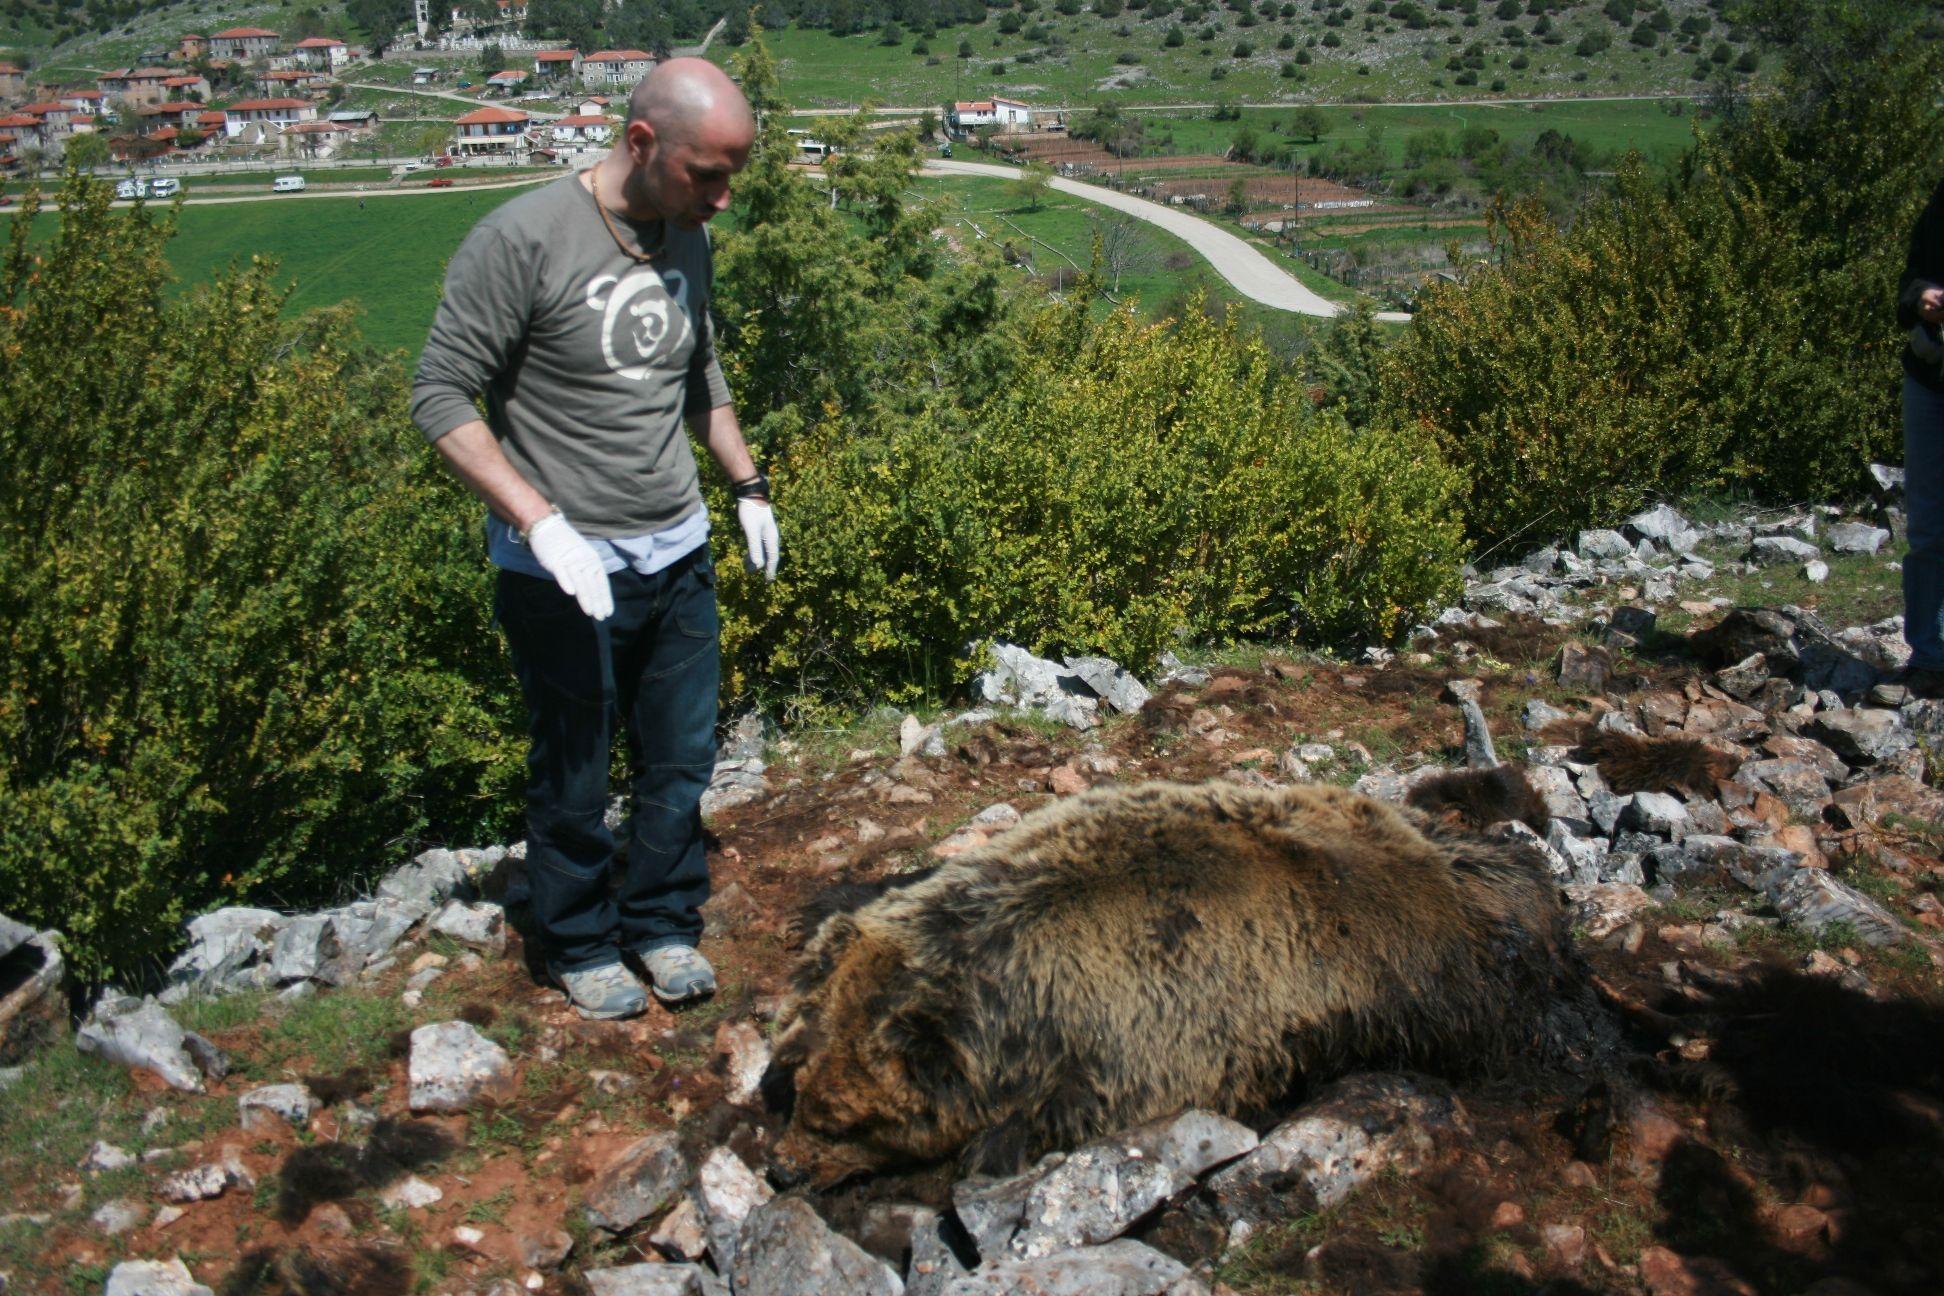 Βρέθηκε δηλητηριασμένη αρκούδα στους Ψαράδες Πρεσπών